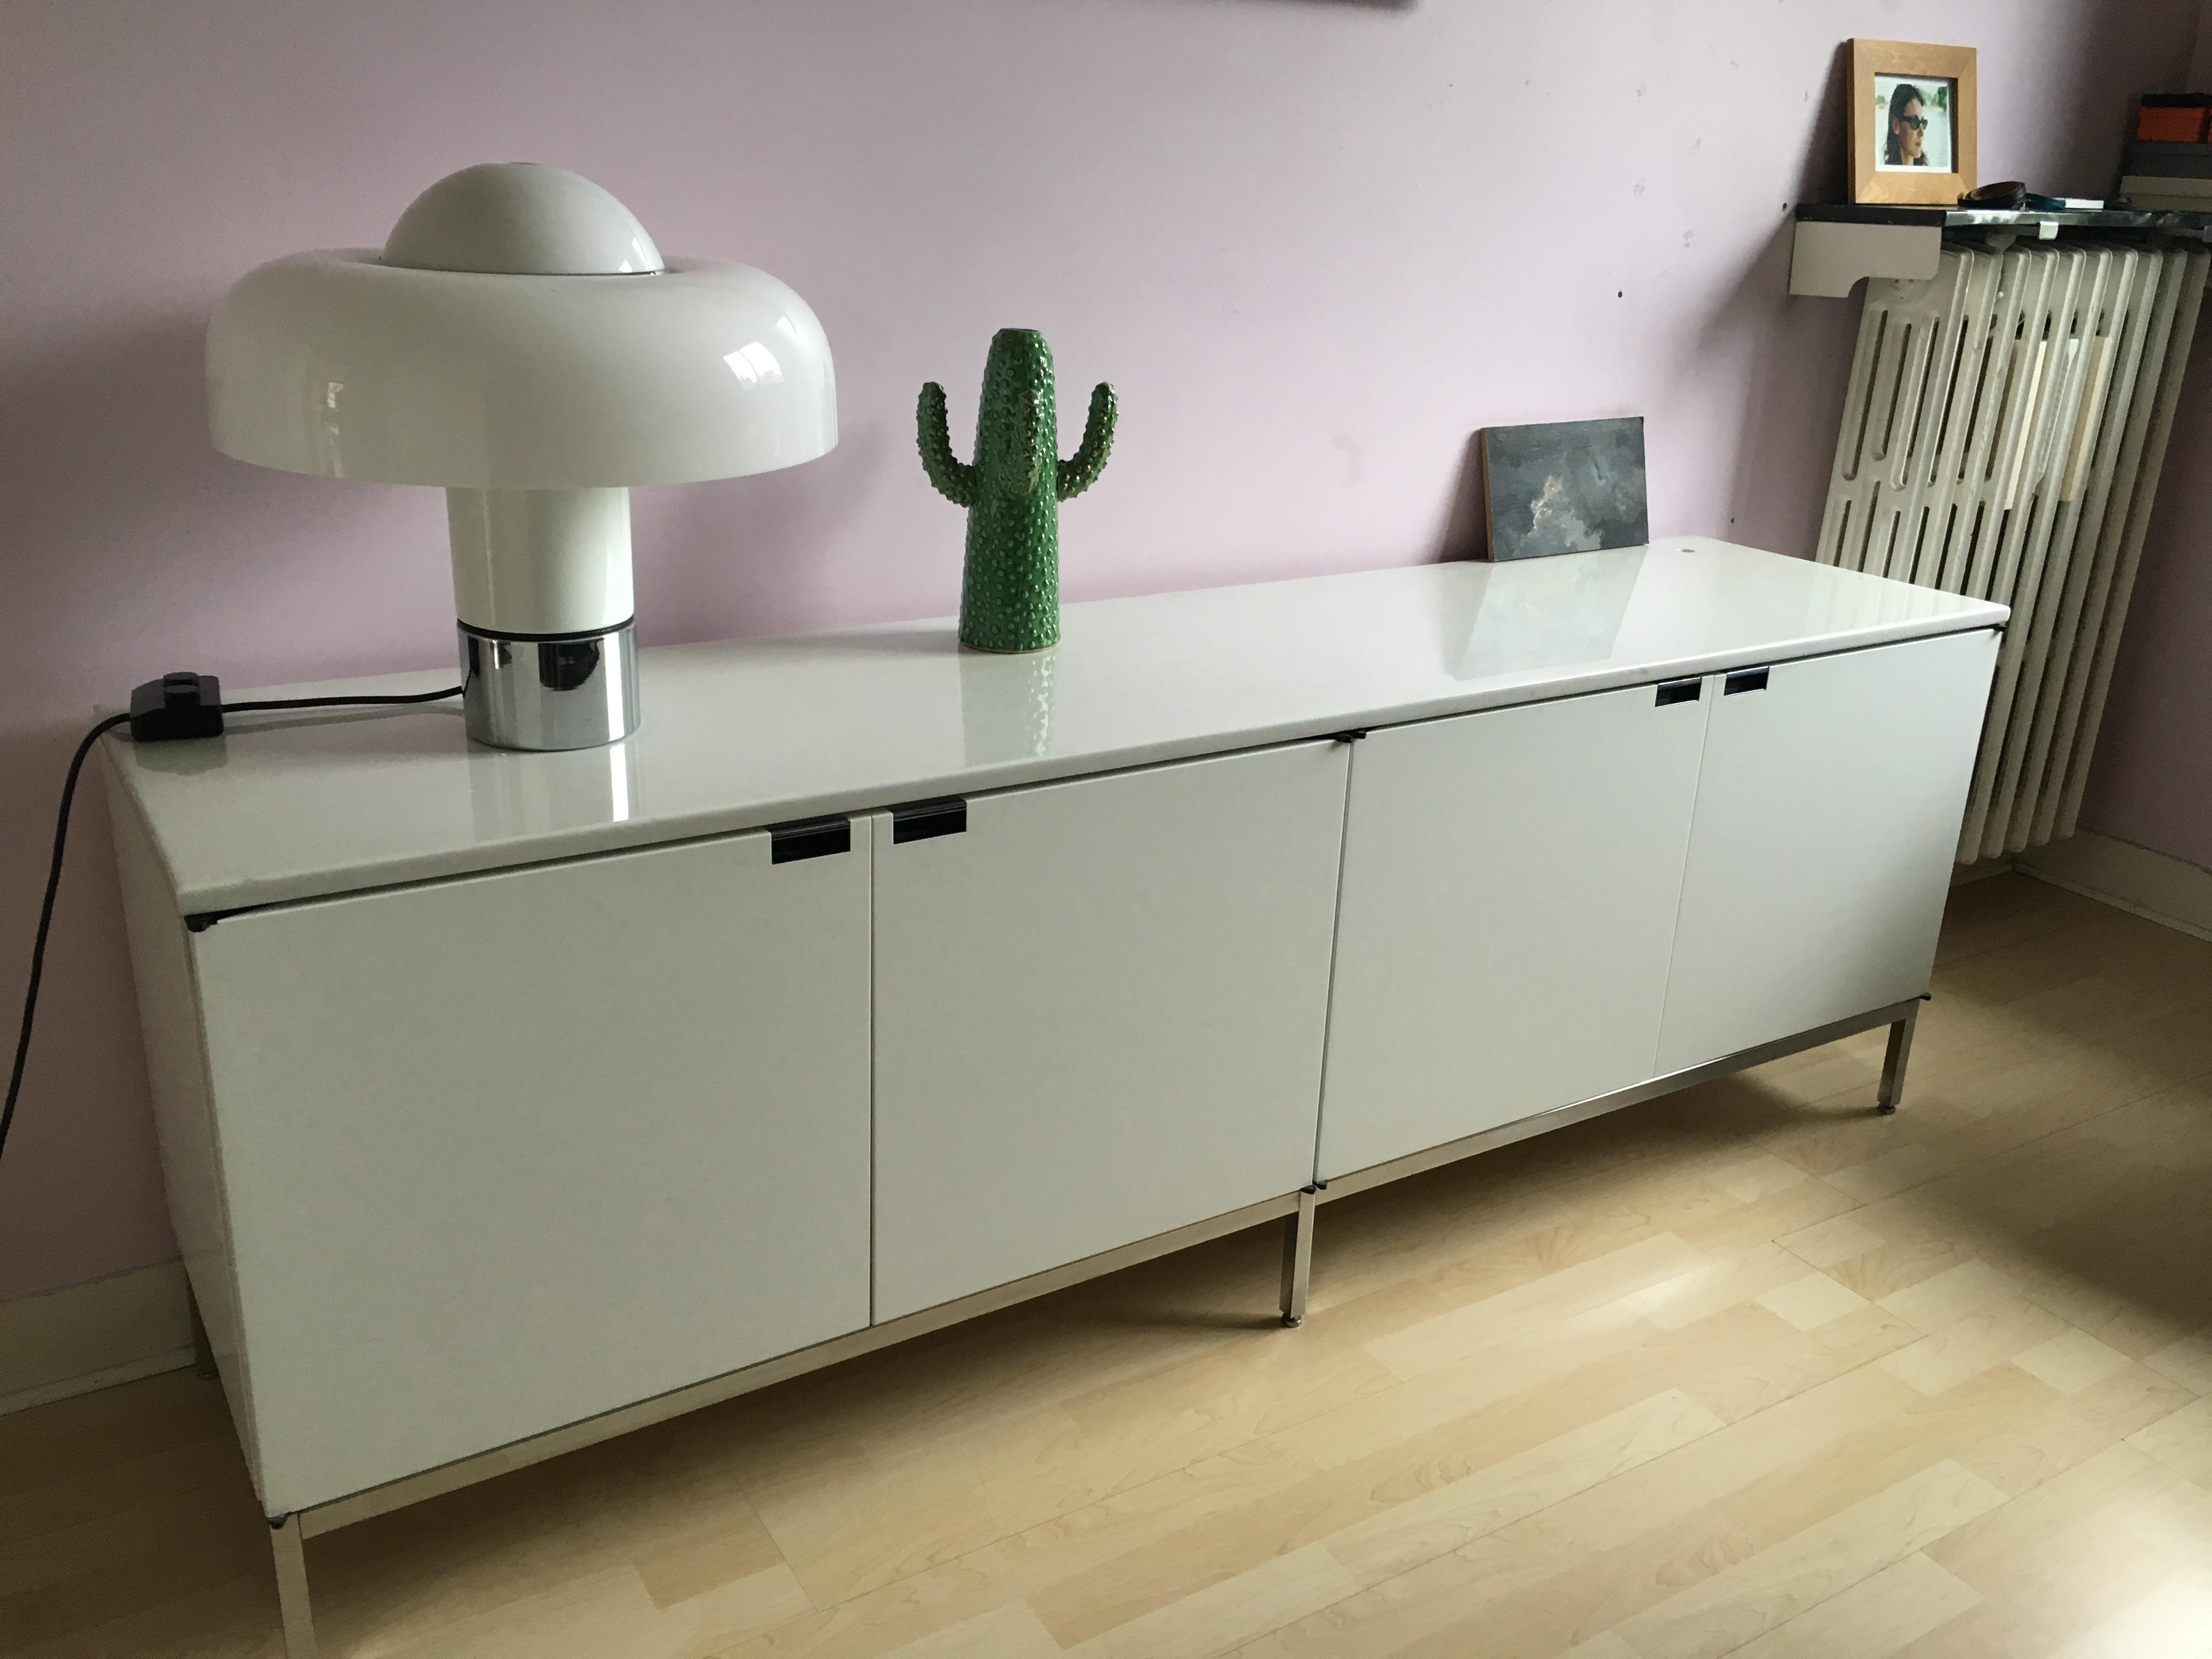 Table Florence Knoll Prix mobilier vintage - l'atelier 50 - boutique vintage - achat